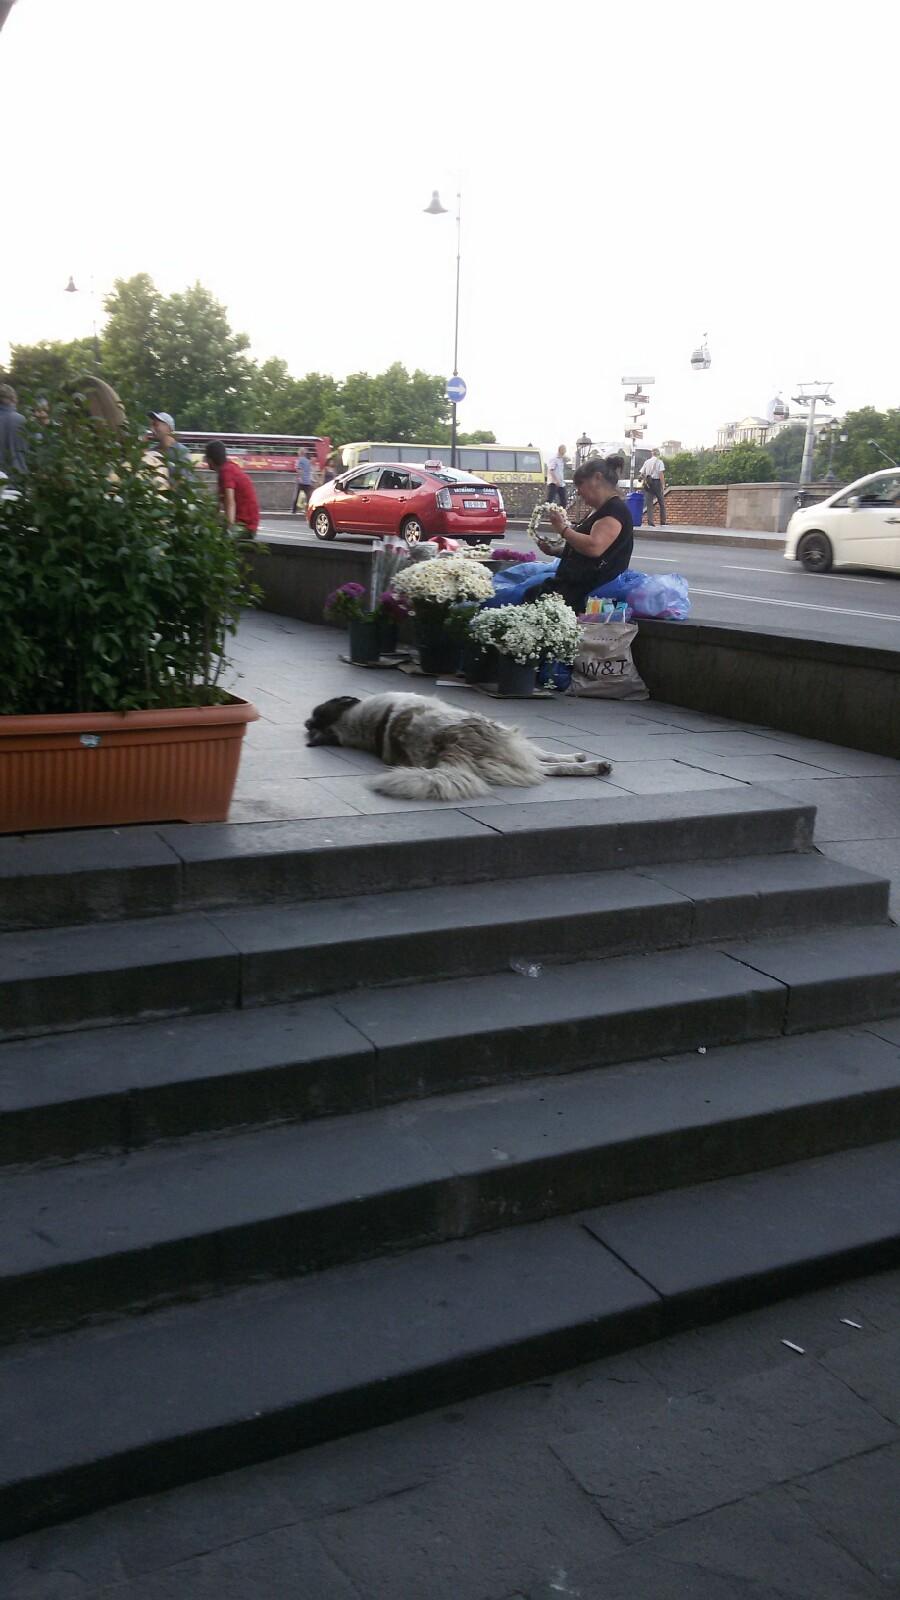 Эту собаку почтительно обходил весь людской поток, сфотали в какой то странный момент, когда никто не обходит. Там очень людно.